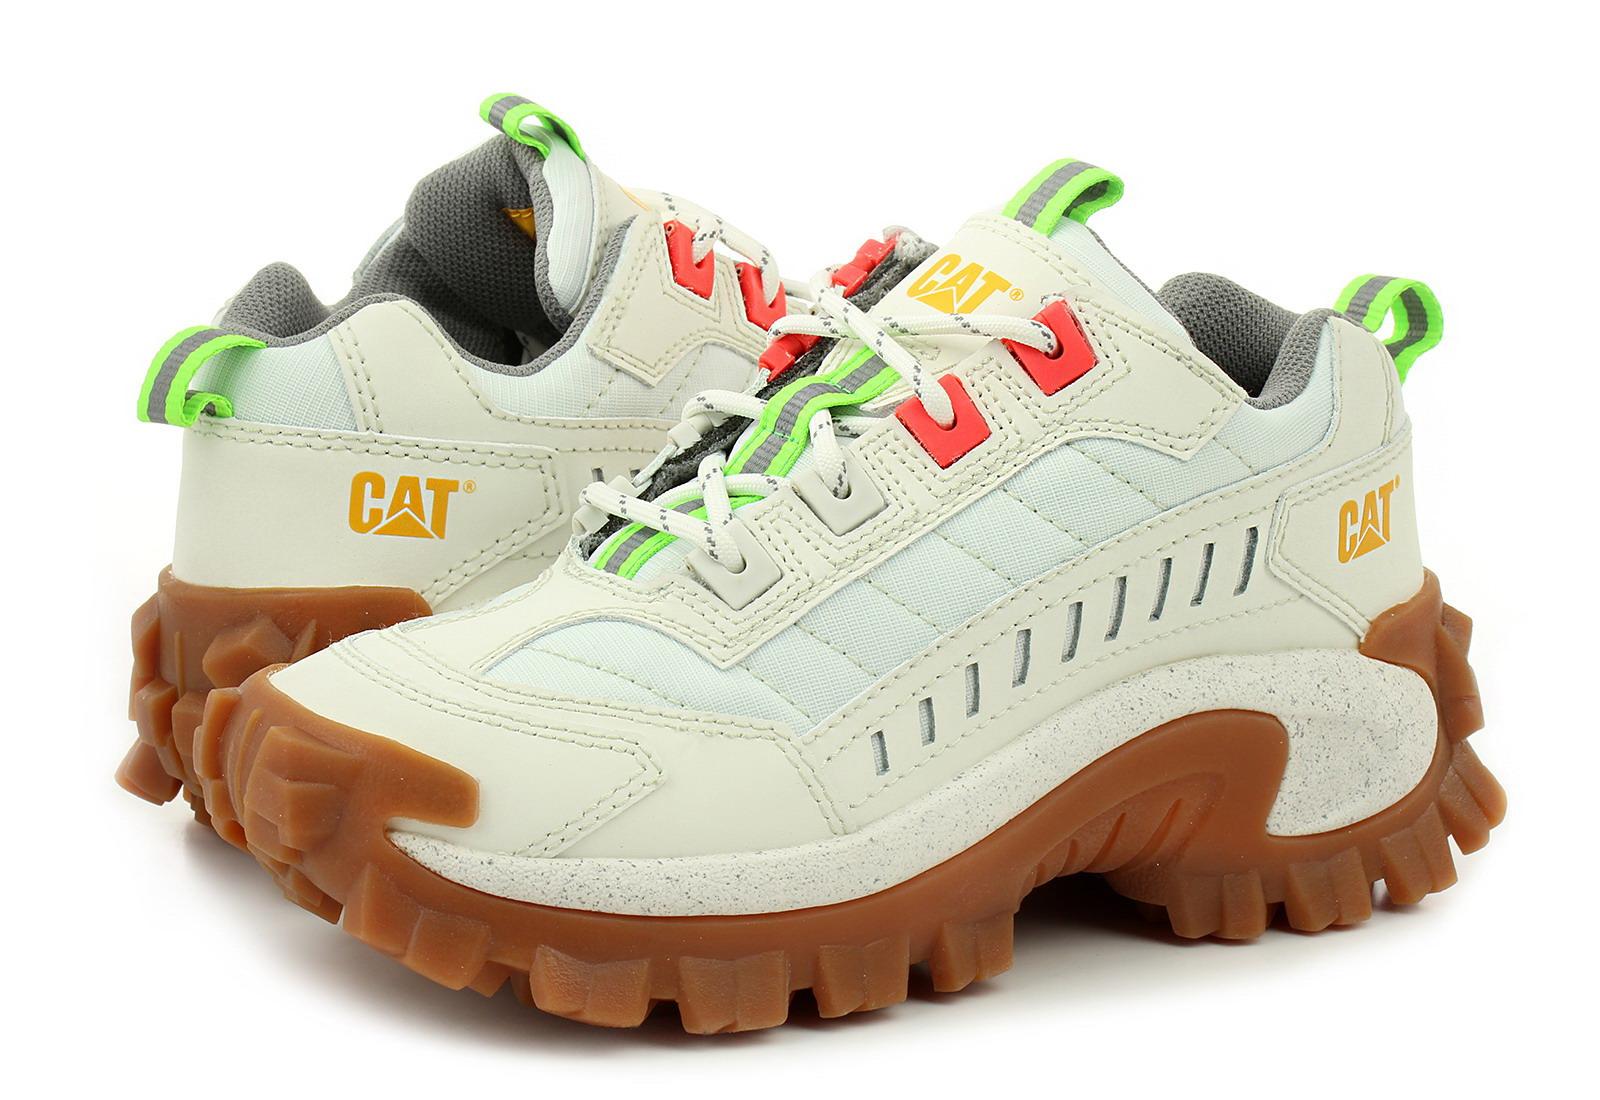 71c38120e9718 Cat Shoes - Intruder - 723311-wht - Online shop for sneakers, shoes ...